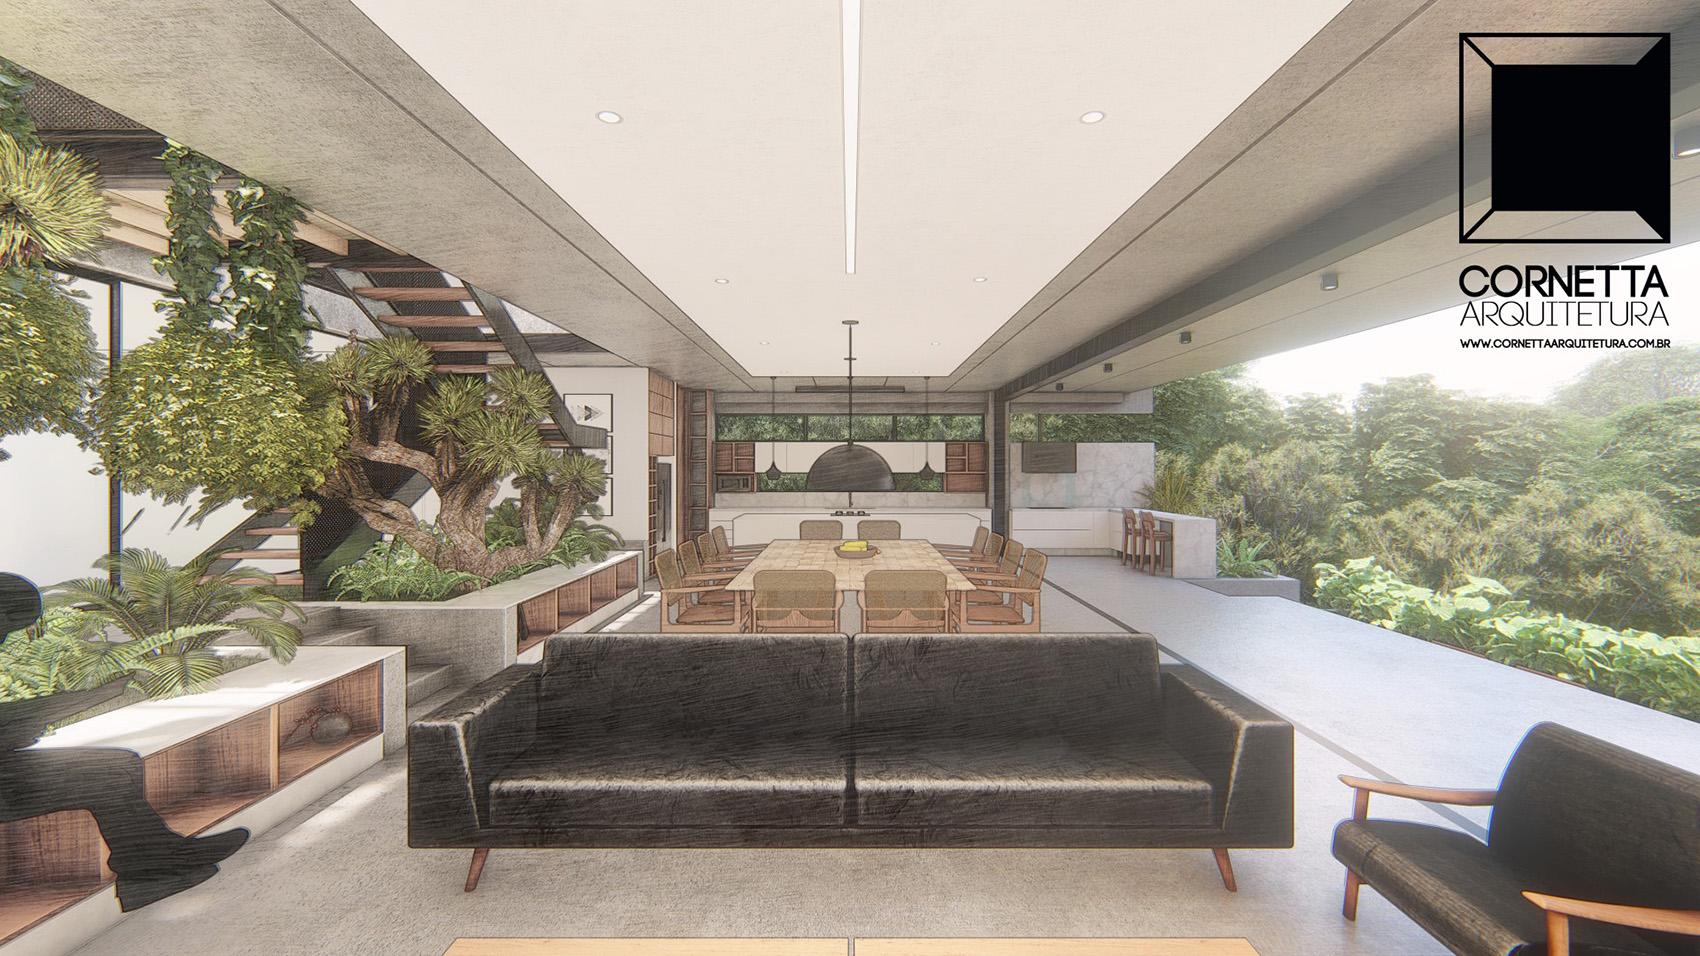 casa-ambientes-integrados-conjugados-jardim-interno-concreto-aparente-vidro.jpg